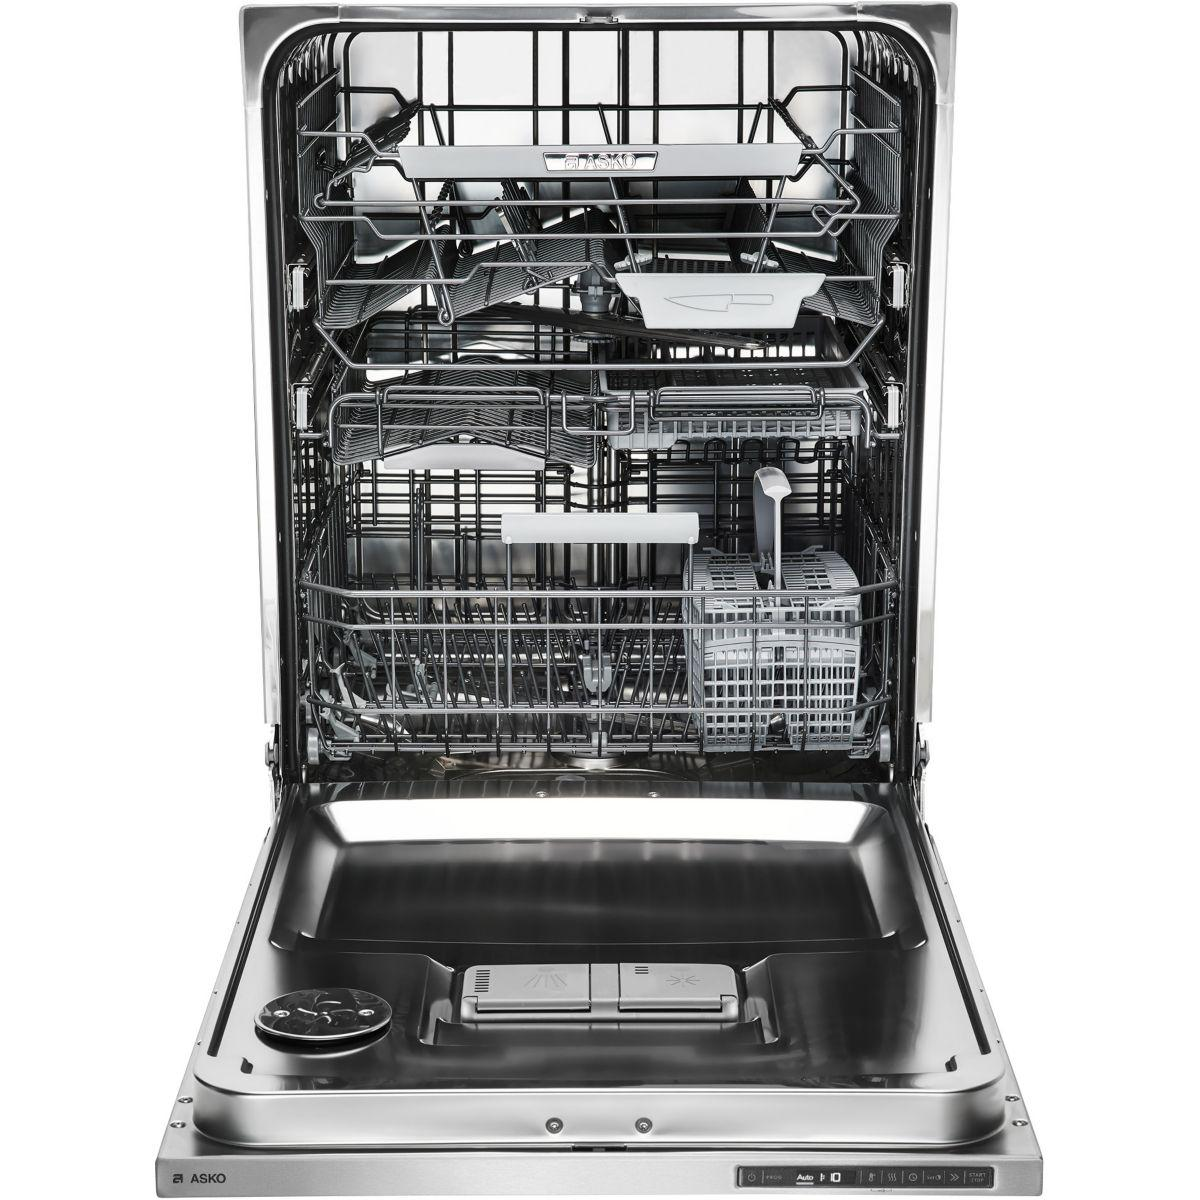 Lave vaisselle tout intégrable ASKO D5556XL FI